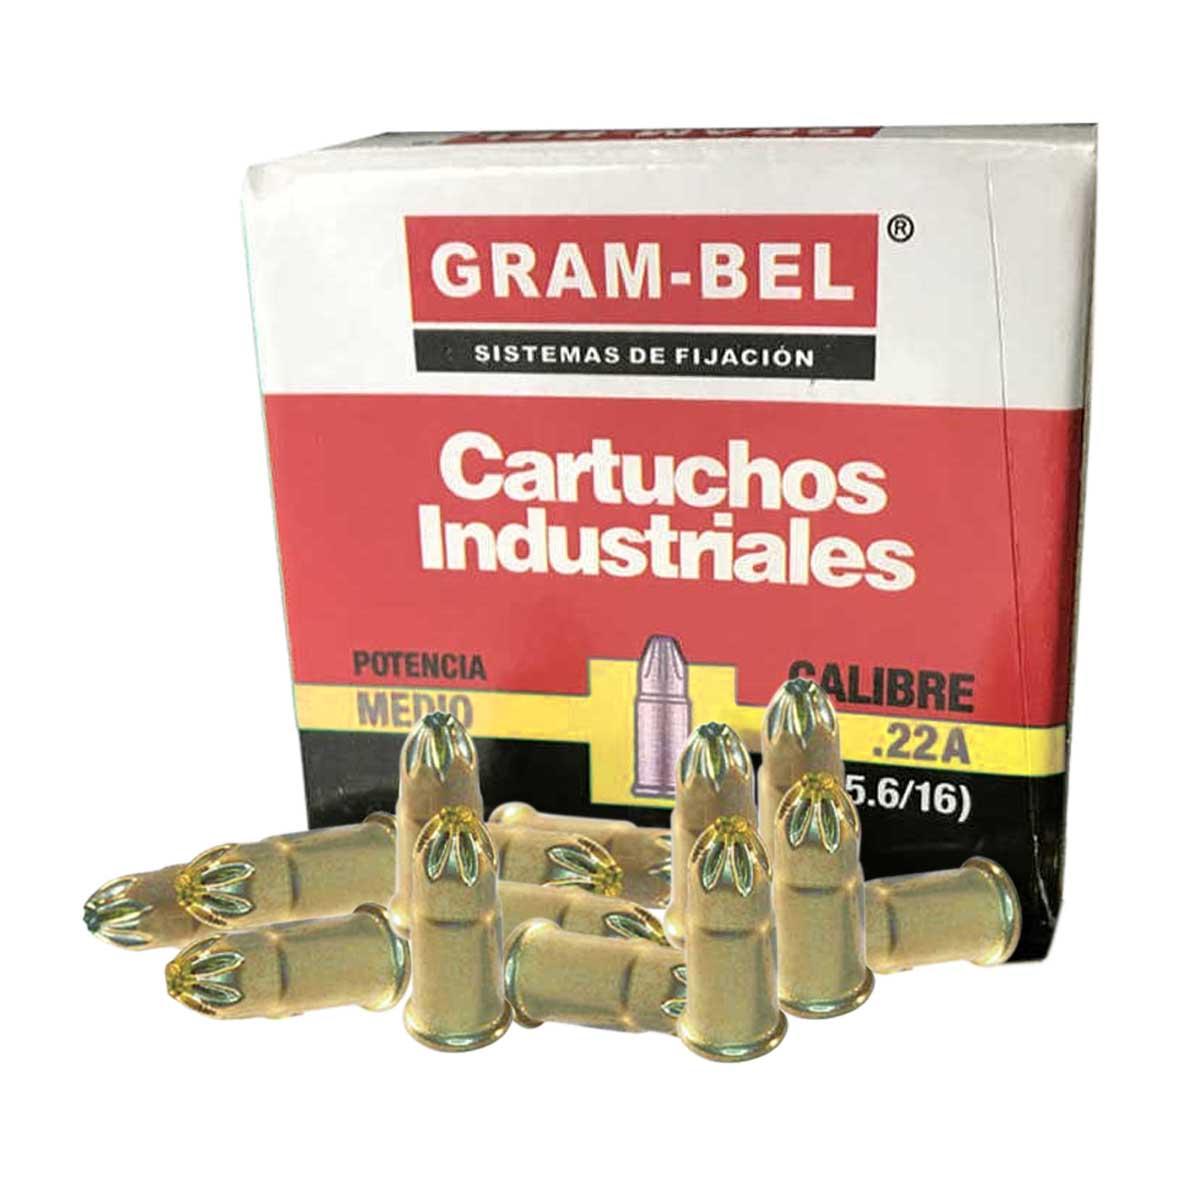 Cartucho Amarillo Cal 22 100 Pzs De Pistola Impacto Gram-Bel